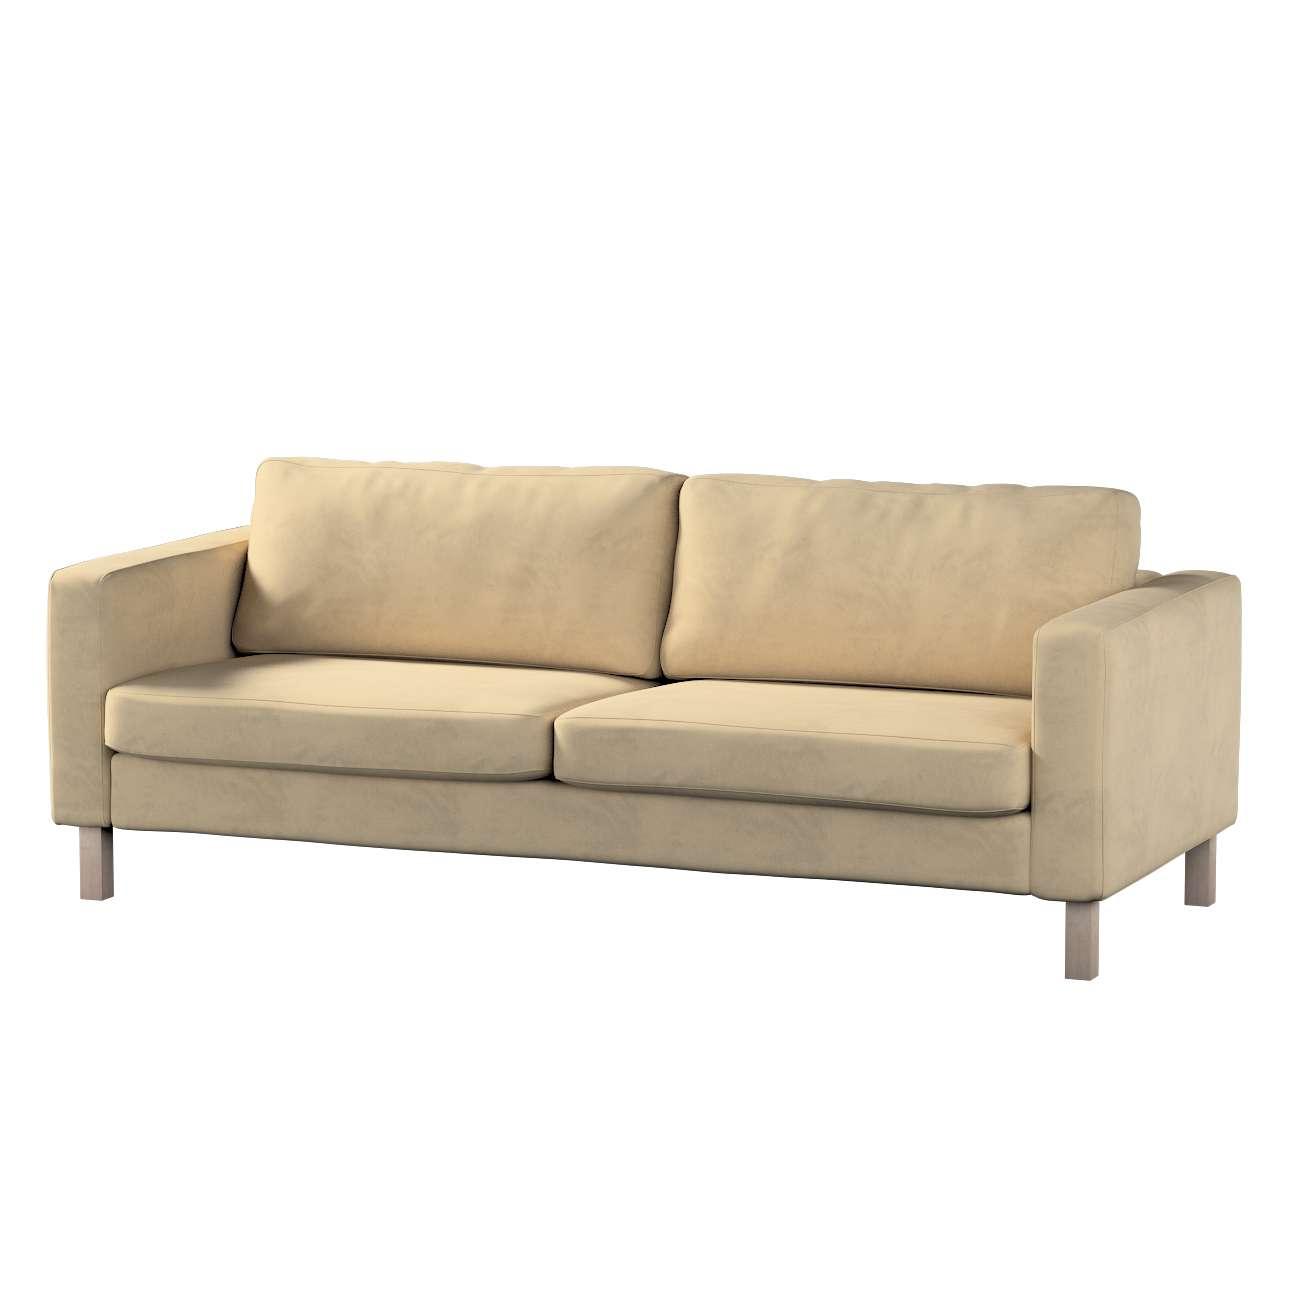 Pokrowiec na sofę Karlstad 3-osobową nierozkładaną, krótki w kolekcji Living II, tkanina: 160-82